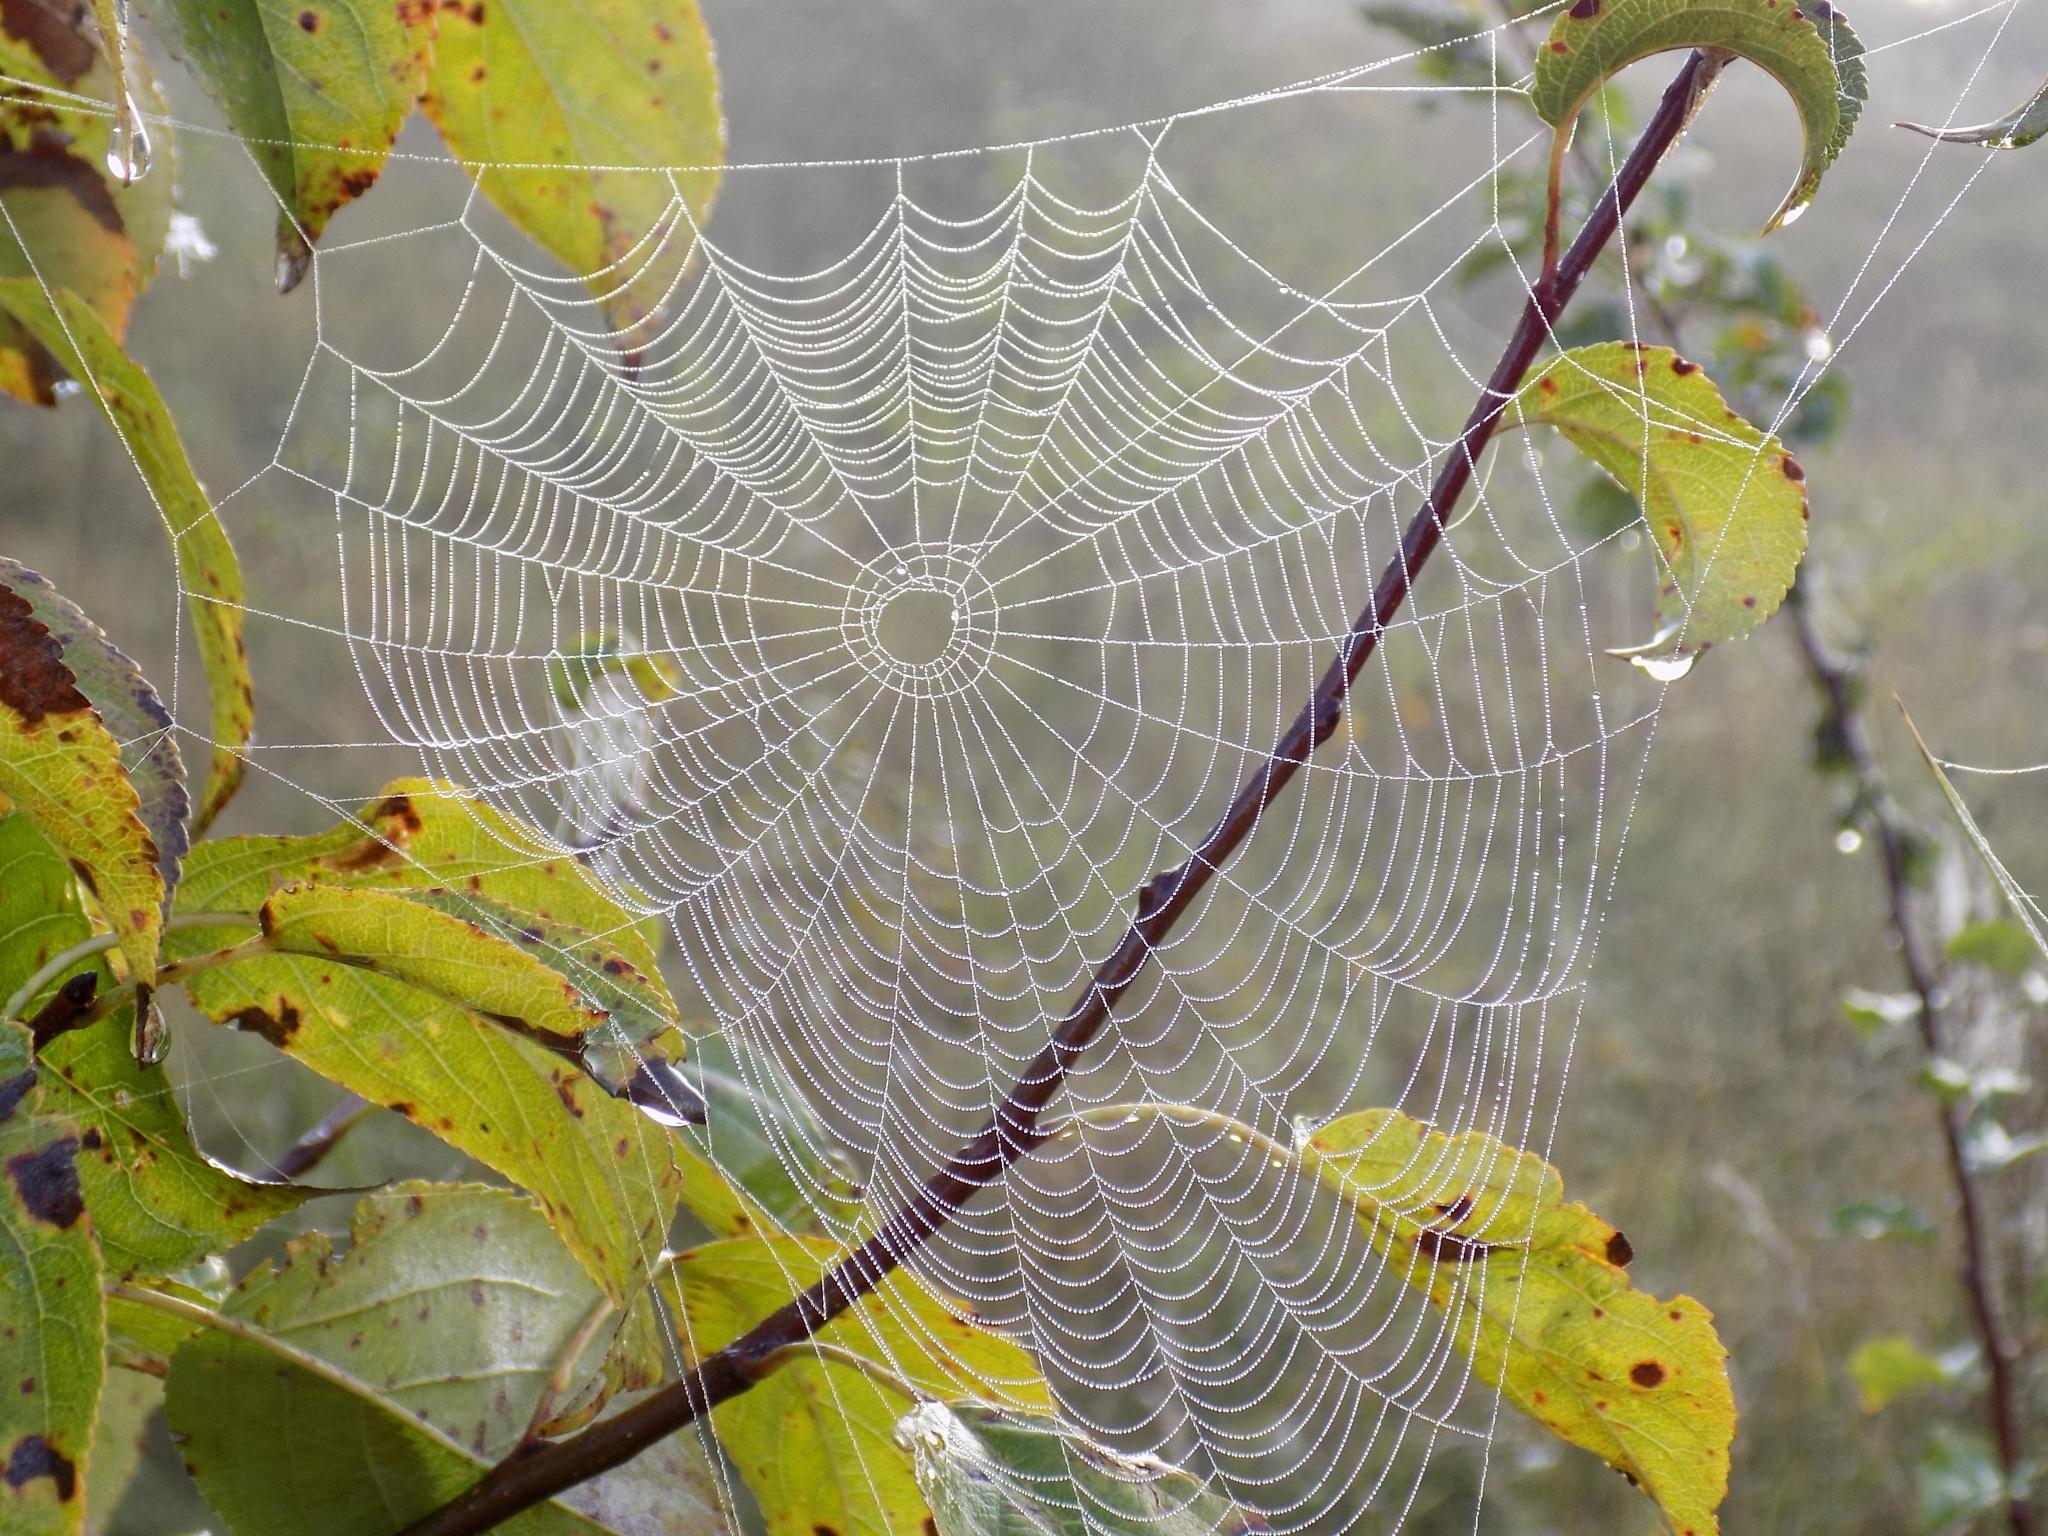 Cobweb by uzkuraitiene62